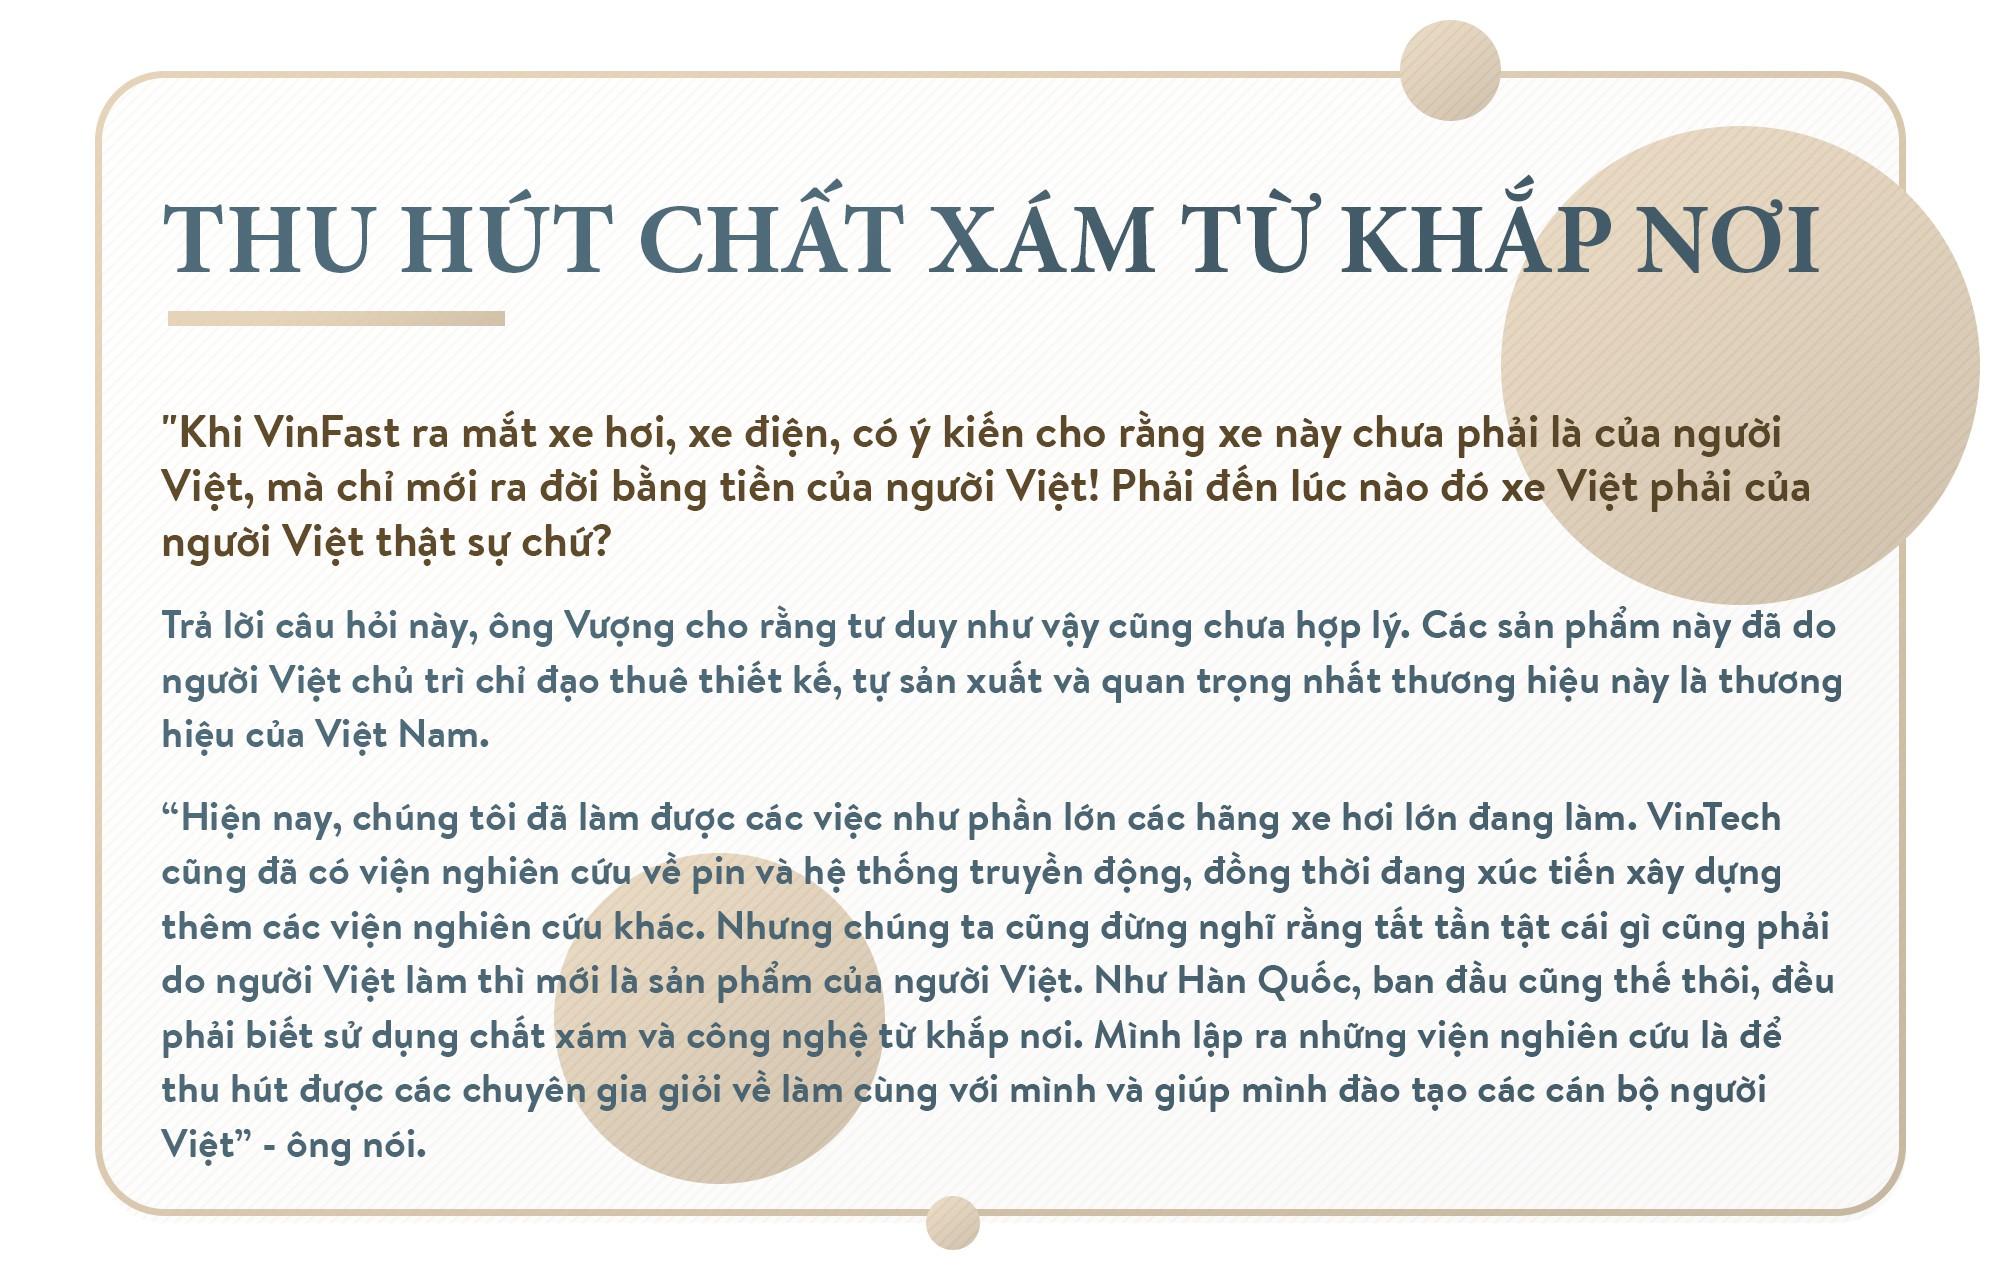 Ông Phạm Nhật Vượng: Thế giới phải biết Việt Nam trí tuệ, đẳng cấp - Ảnh 23.